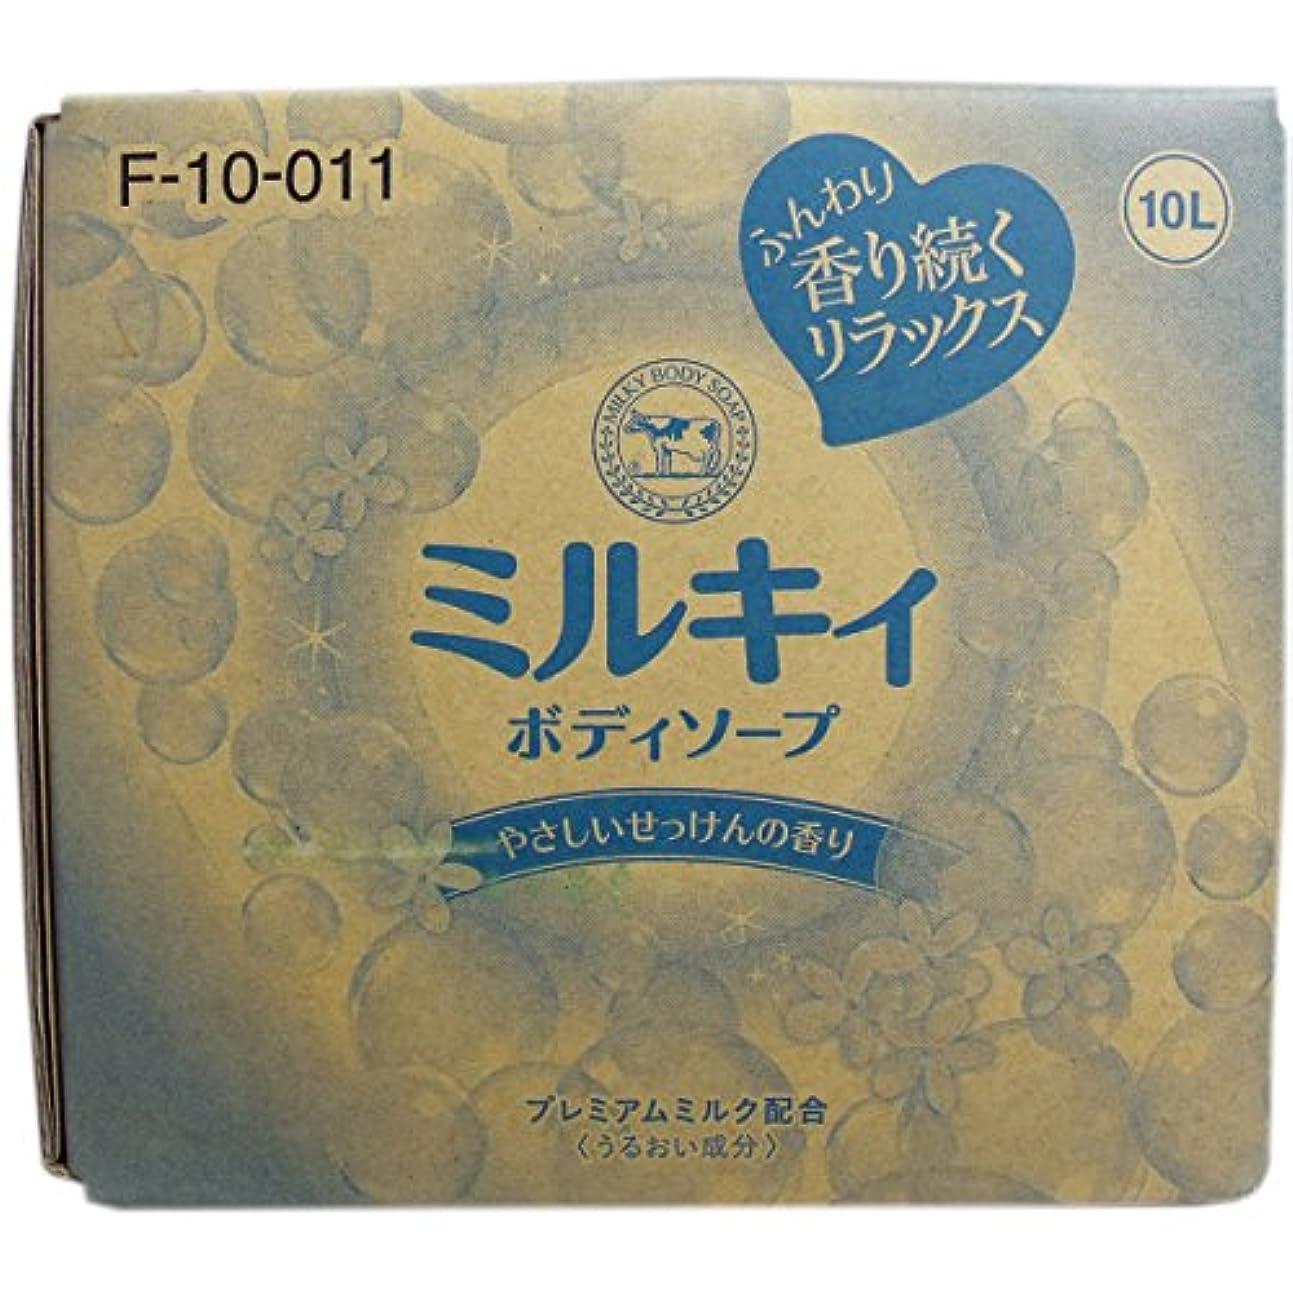 忌み嫌うフォーマットストリップミルキィ ボディソープ やさしいせっけんの香り 業務用 10L